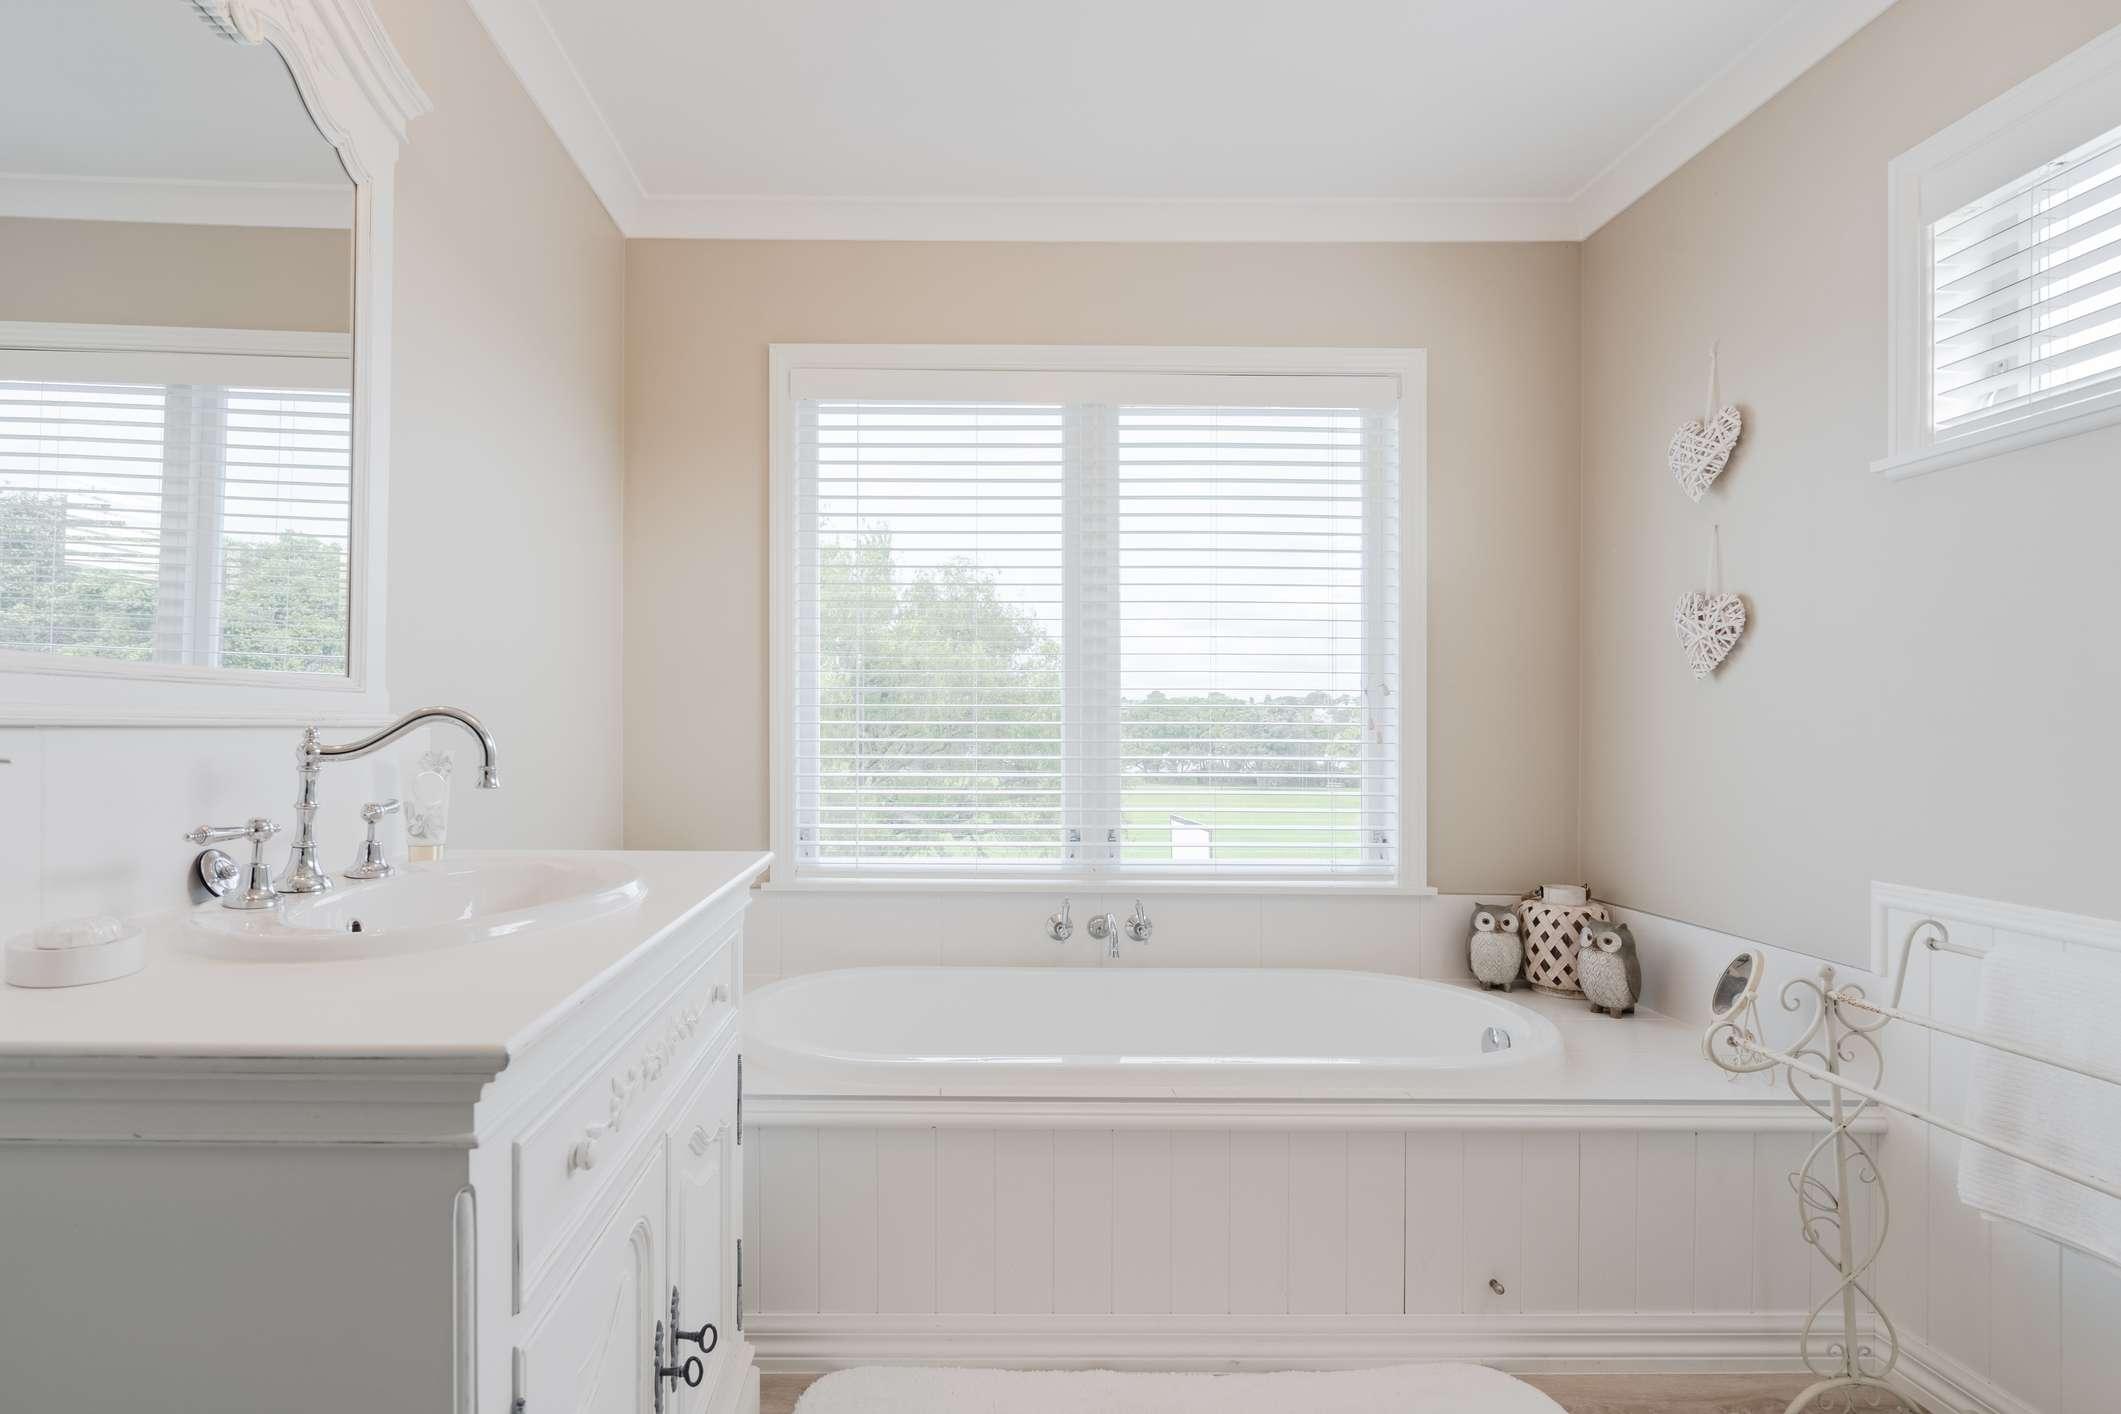 Drop-in style bathtub